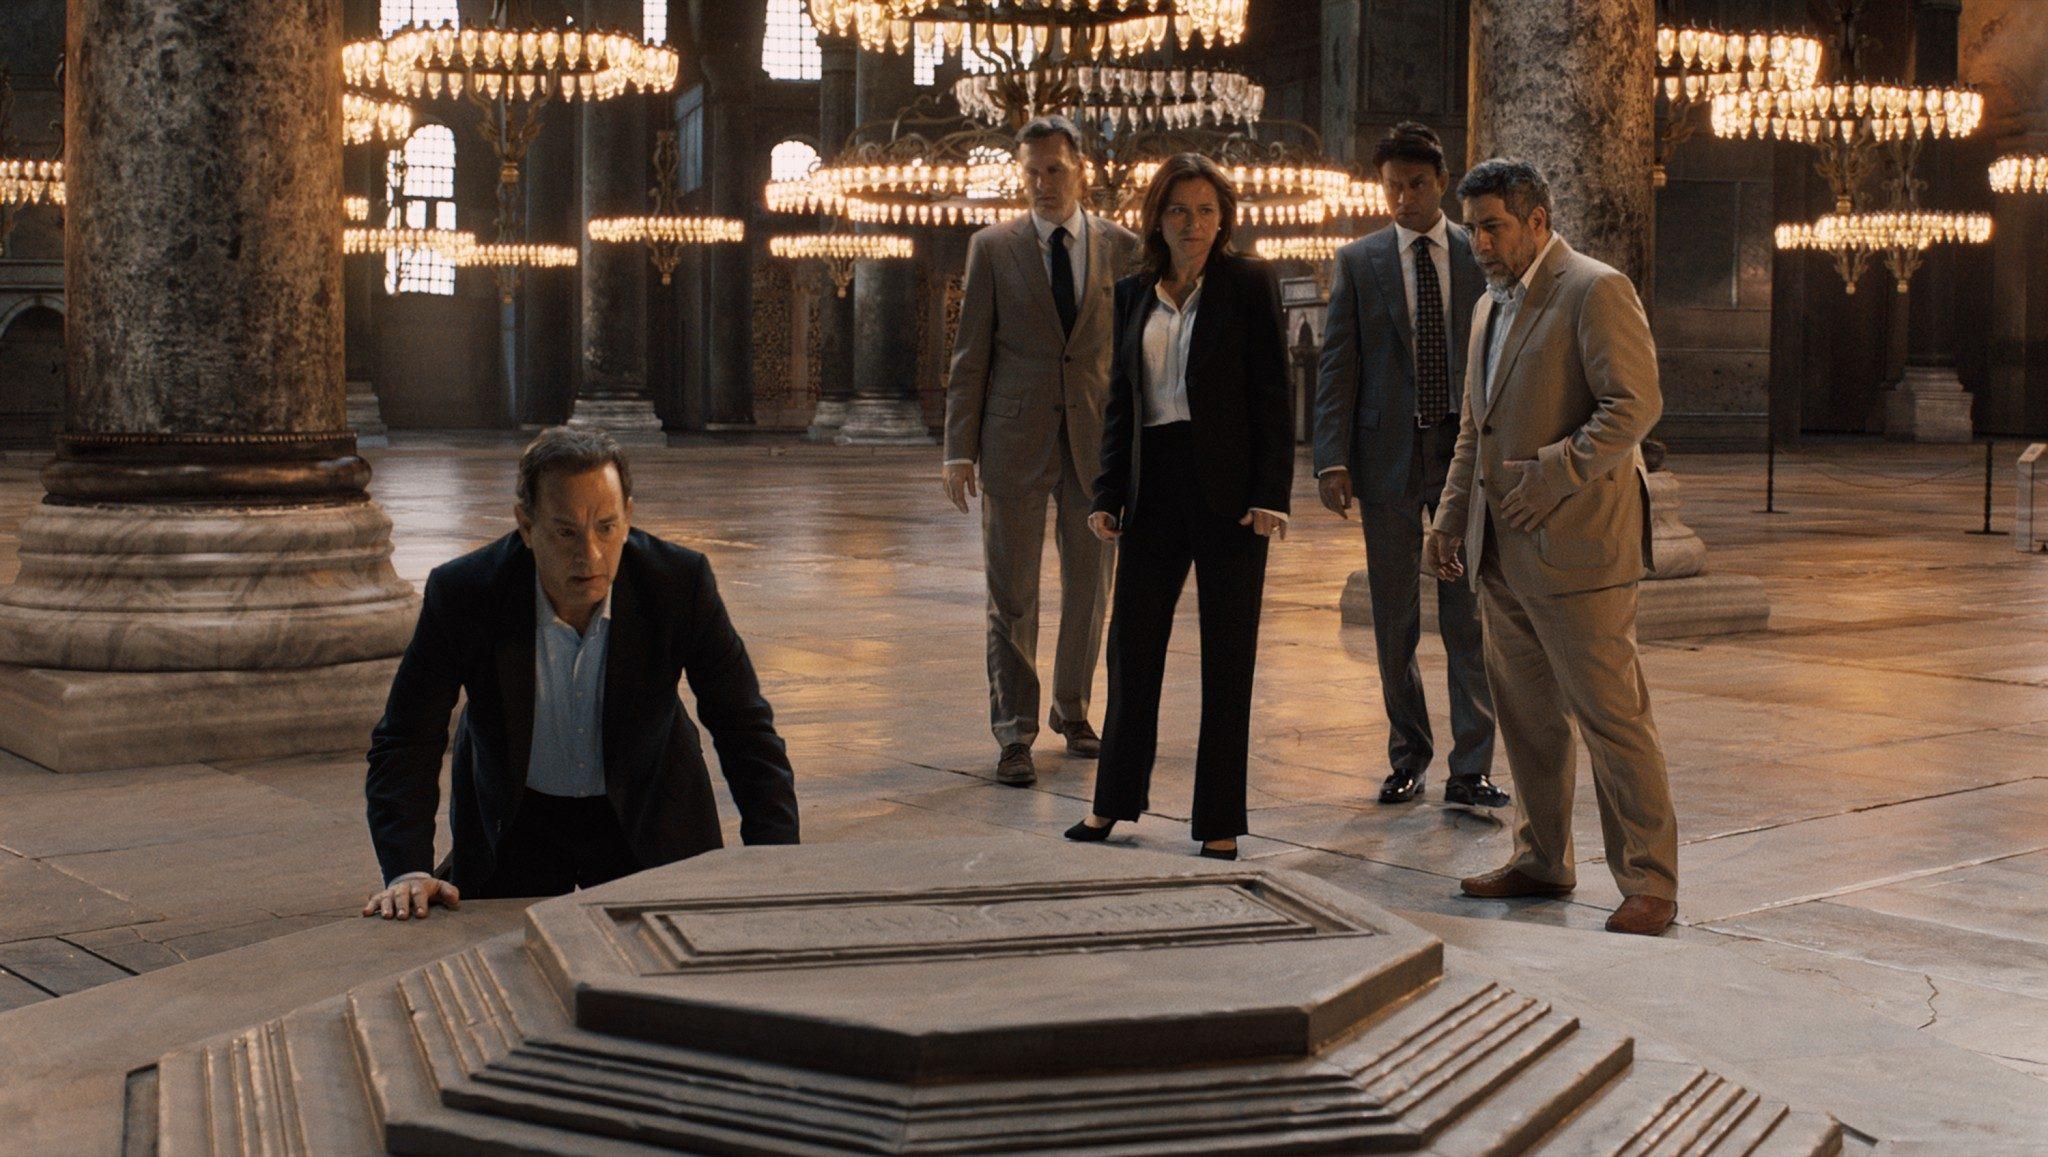 Inferno image Tom Hanks Sidse Babett Knudsen